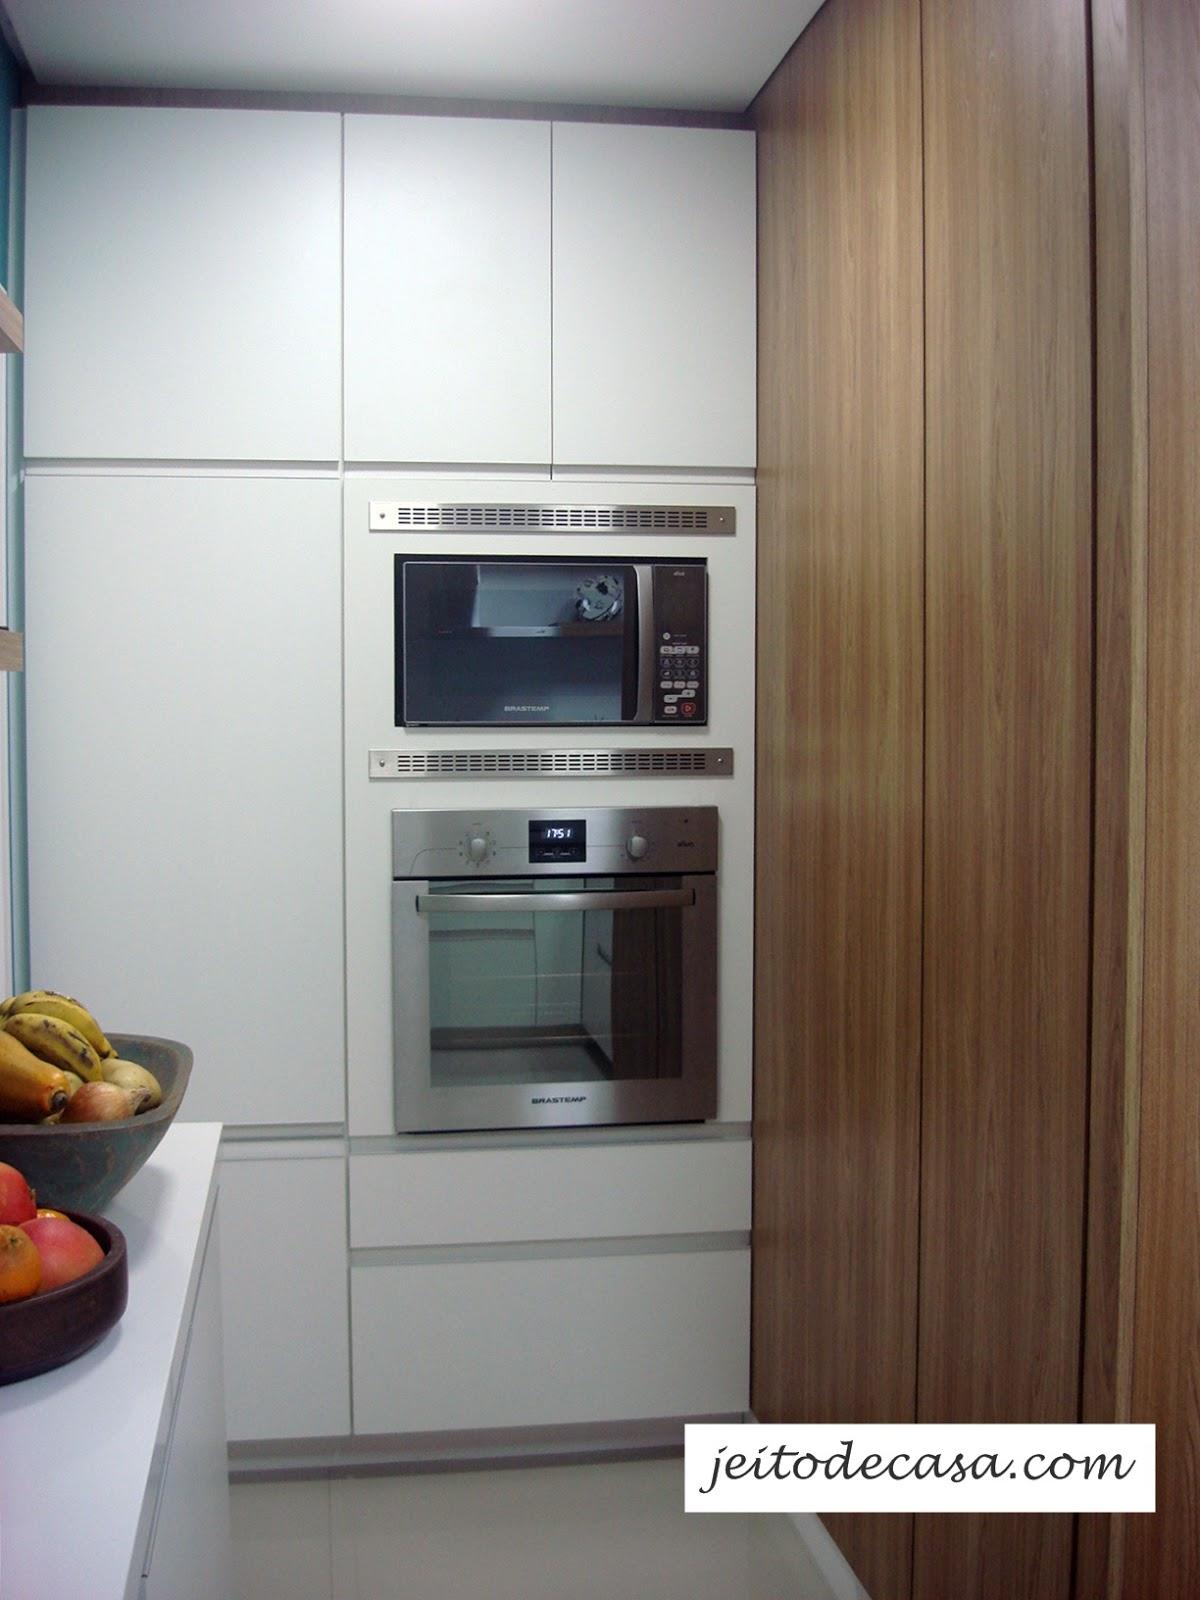 Armario De Parede Para Forno Eletrico : Cozinha branca de apartamento minha jeito